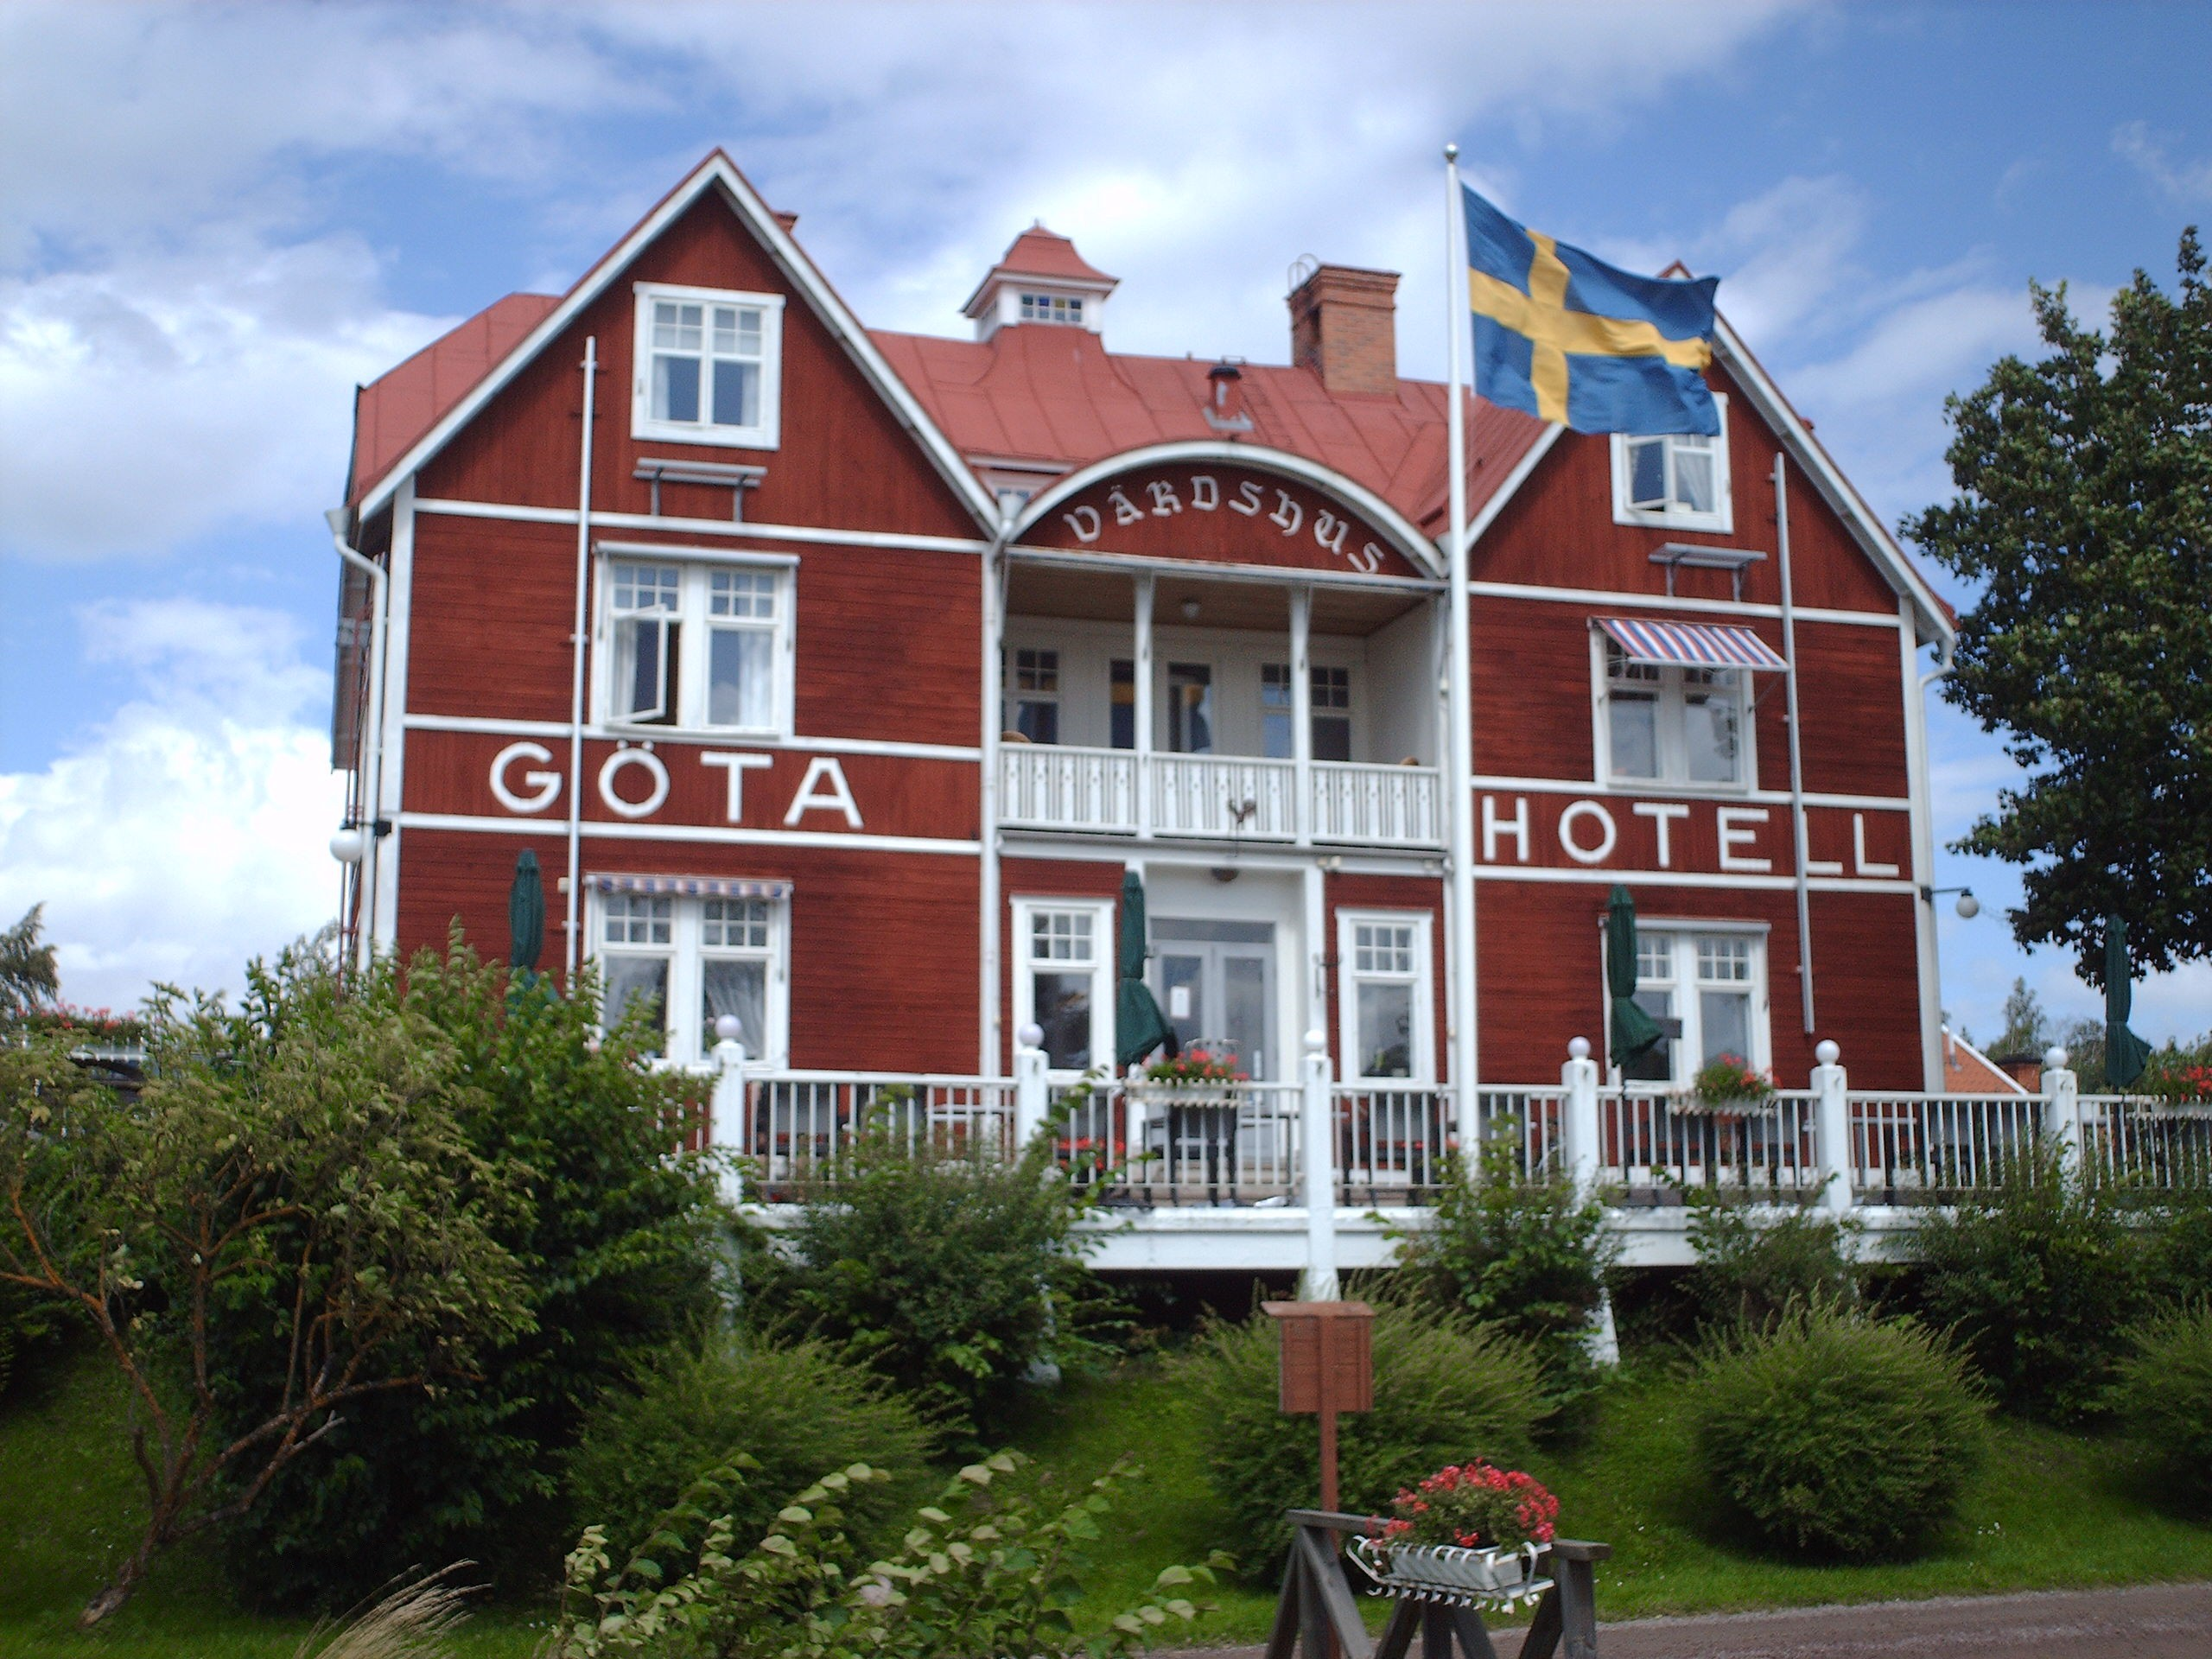 Fil:Gta hotell unam.net Wikipedia